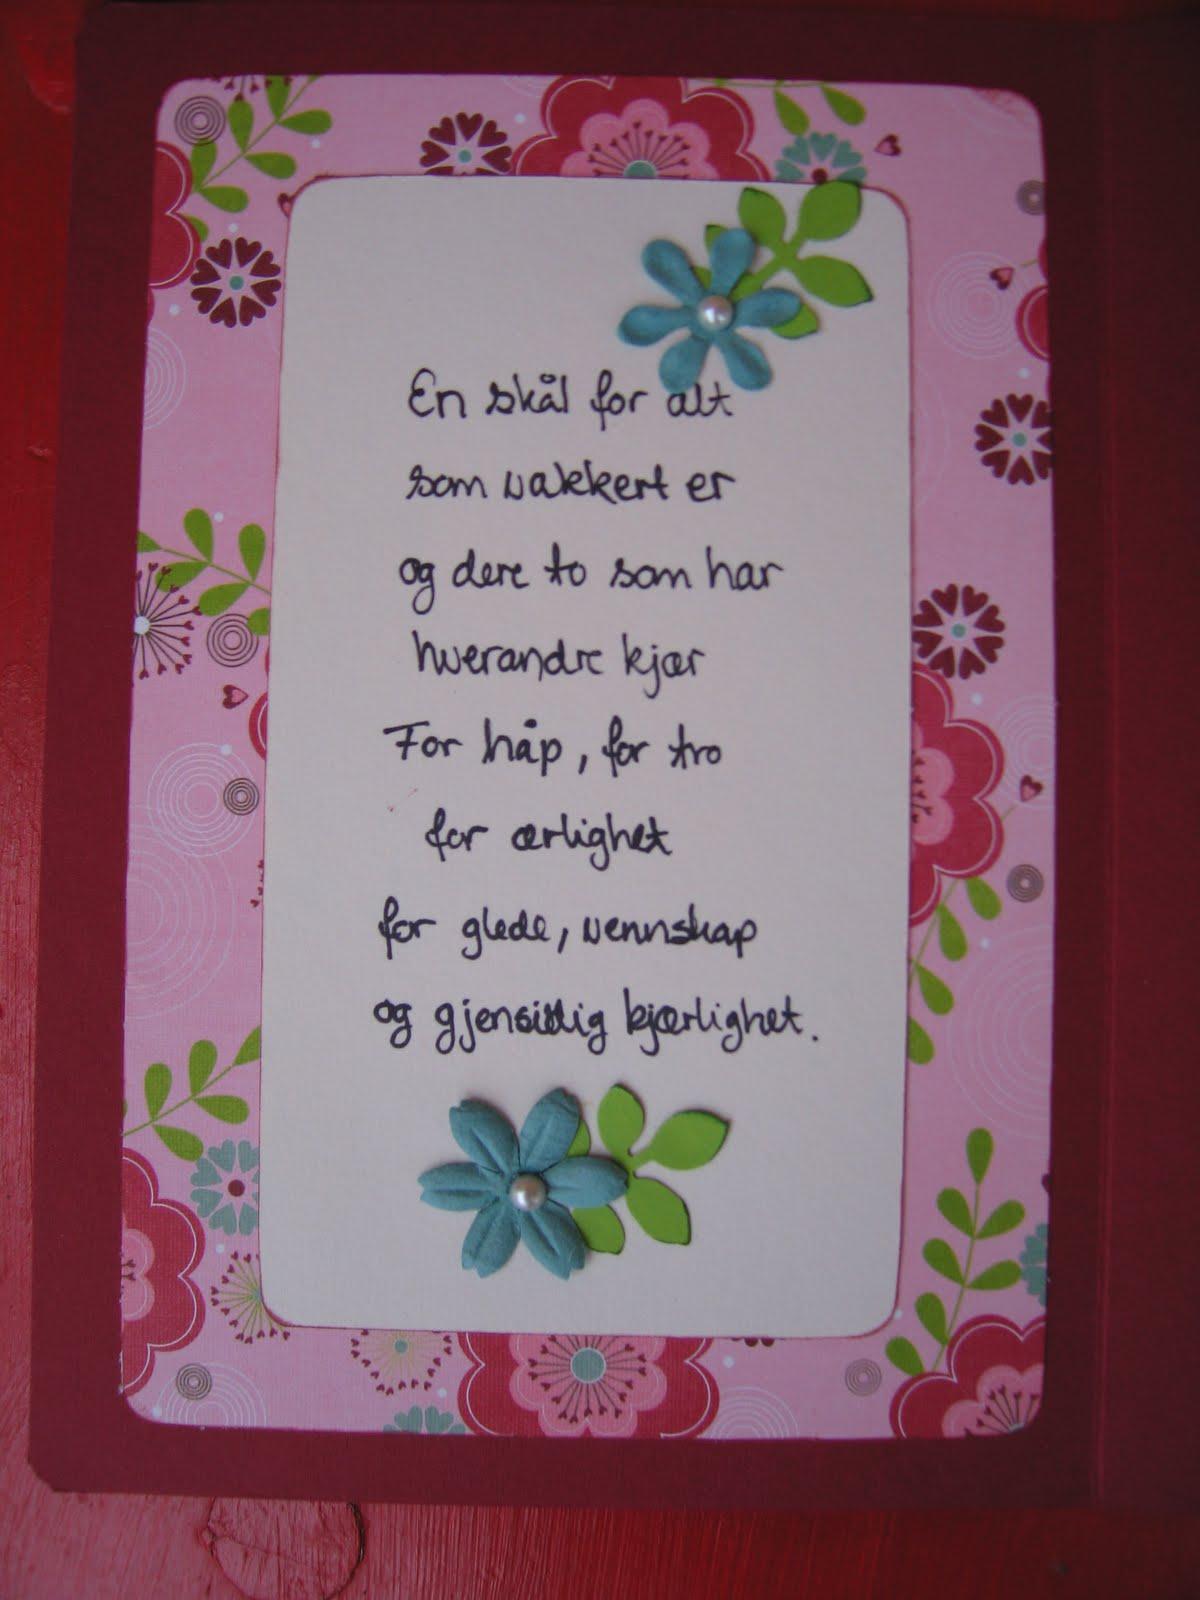 morsomme dikt til brudeparet hordaland